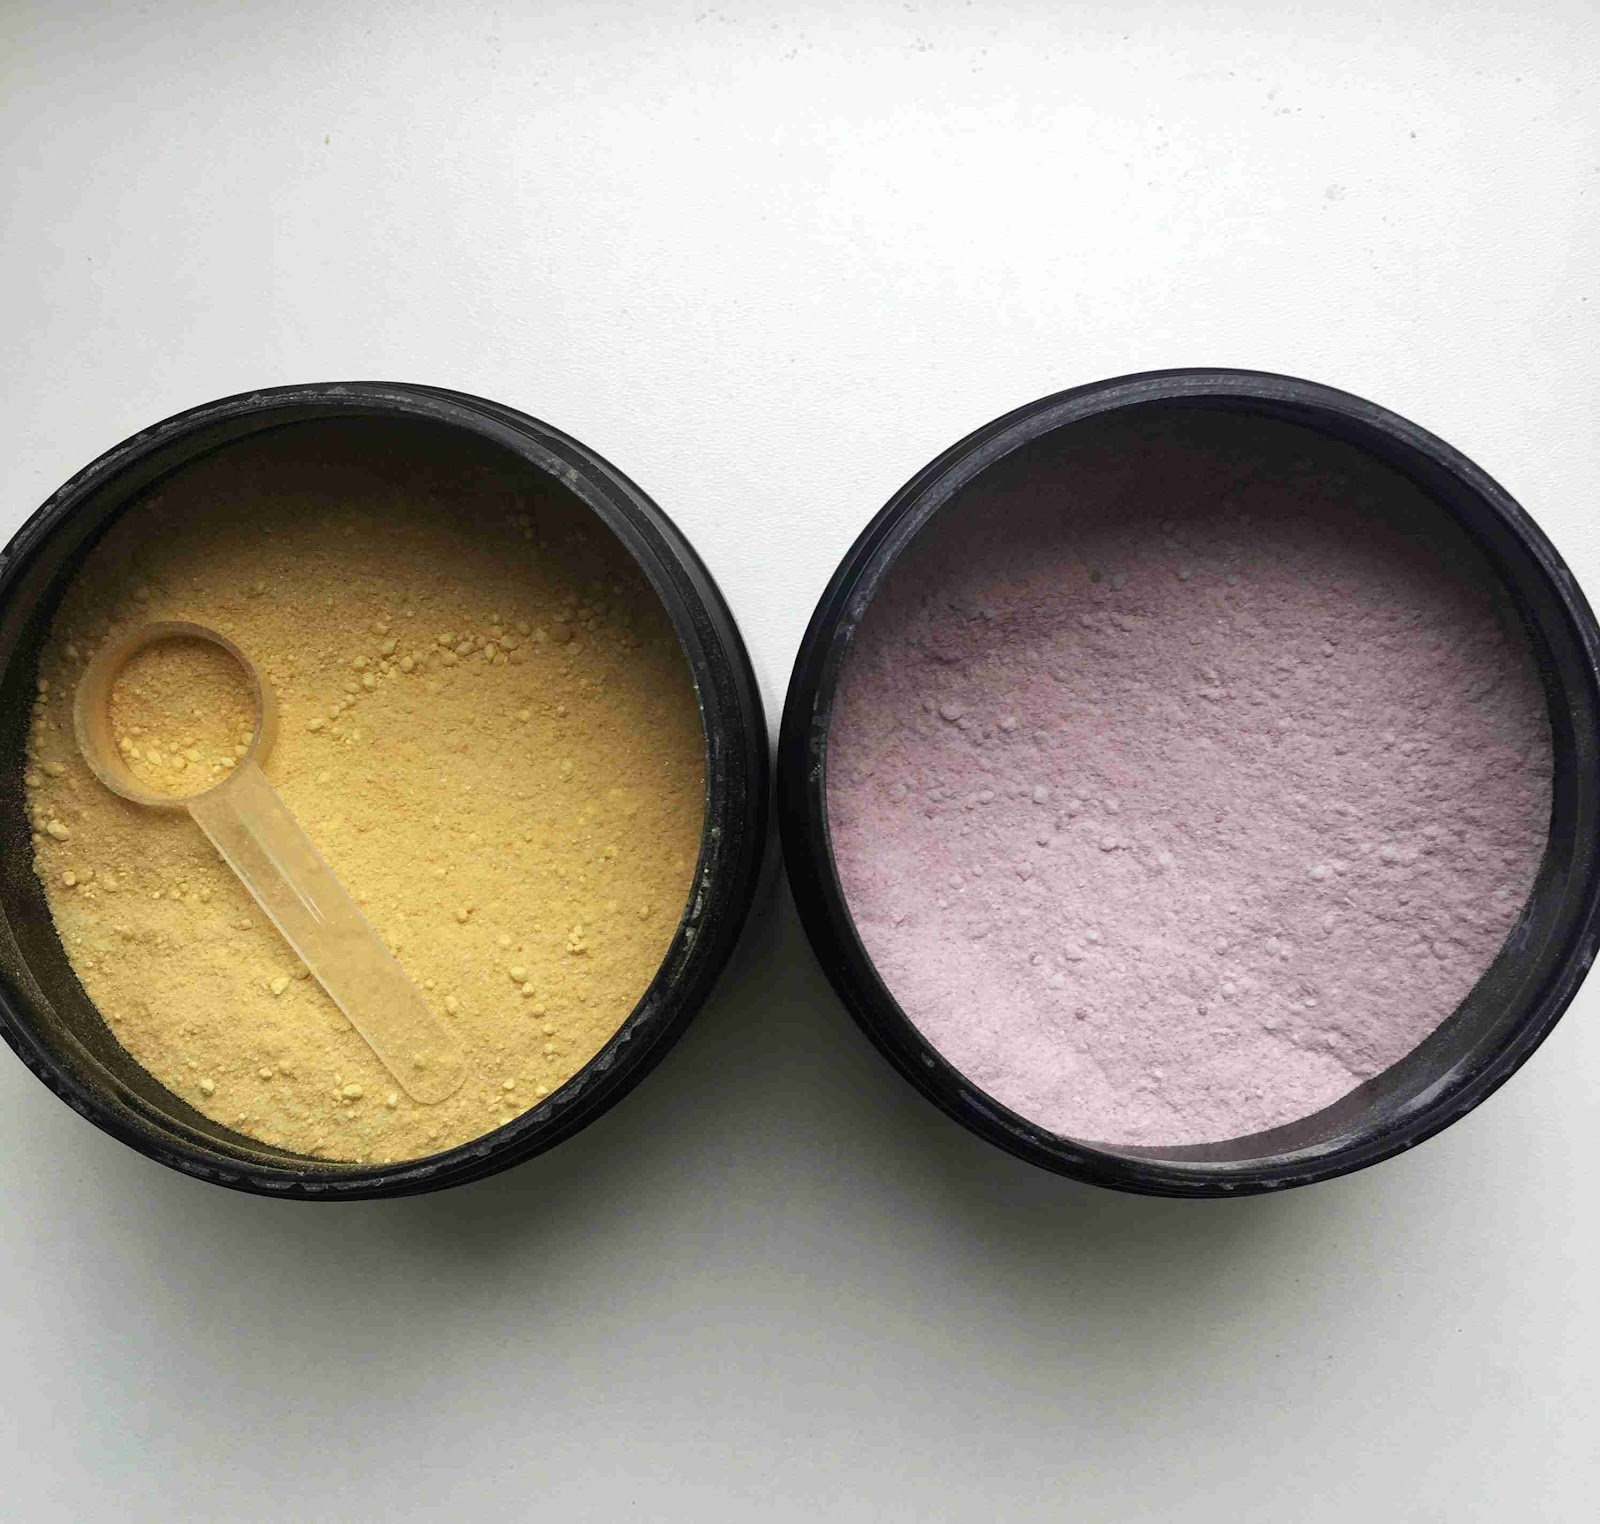 Recenze NaMaximum: Komlexní kloubní výživa FlexBull Ginger a magneziový drink MagneForte s B6 - obsah balení